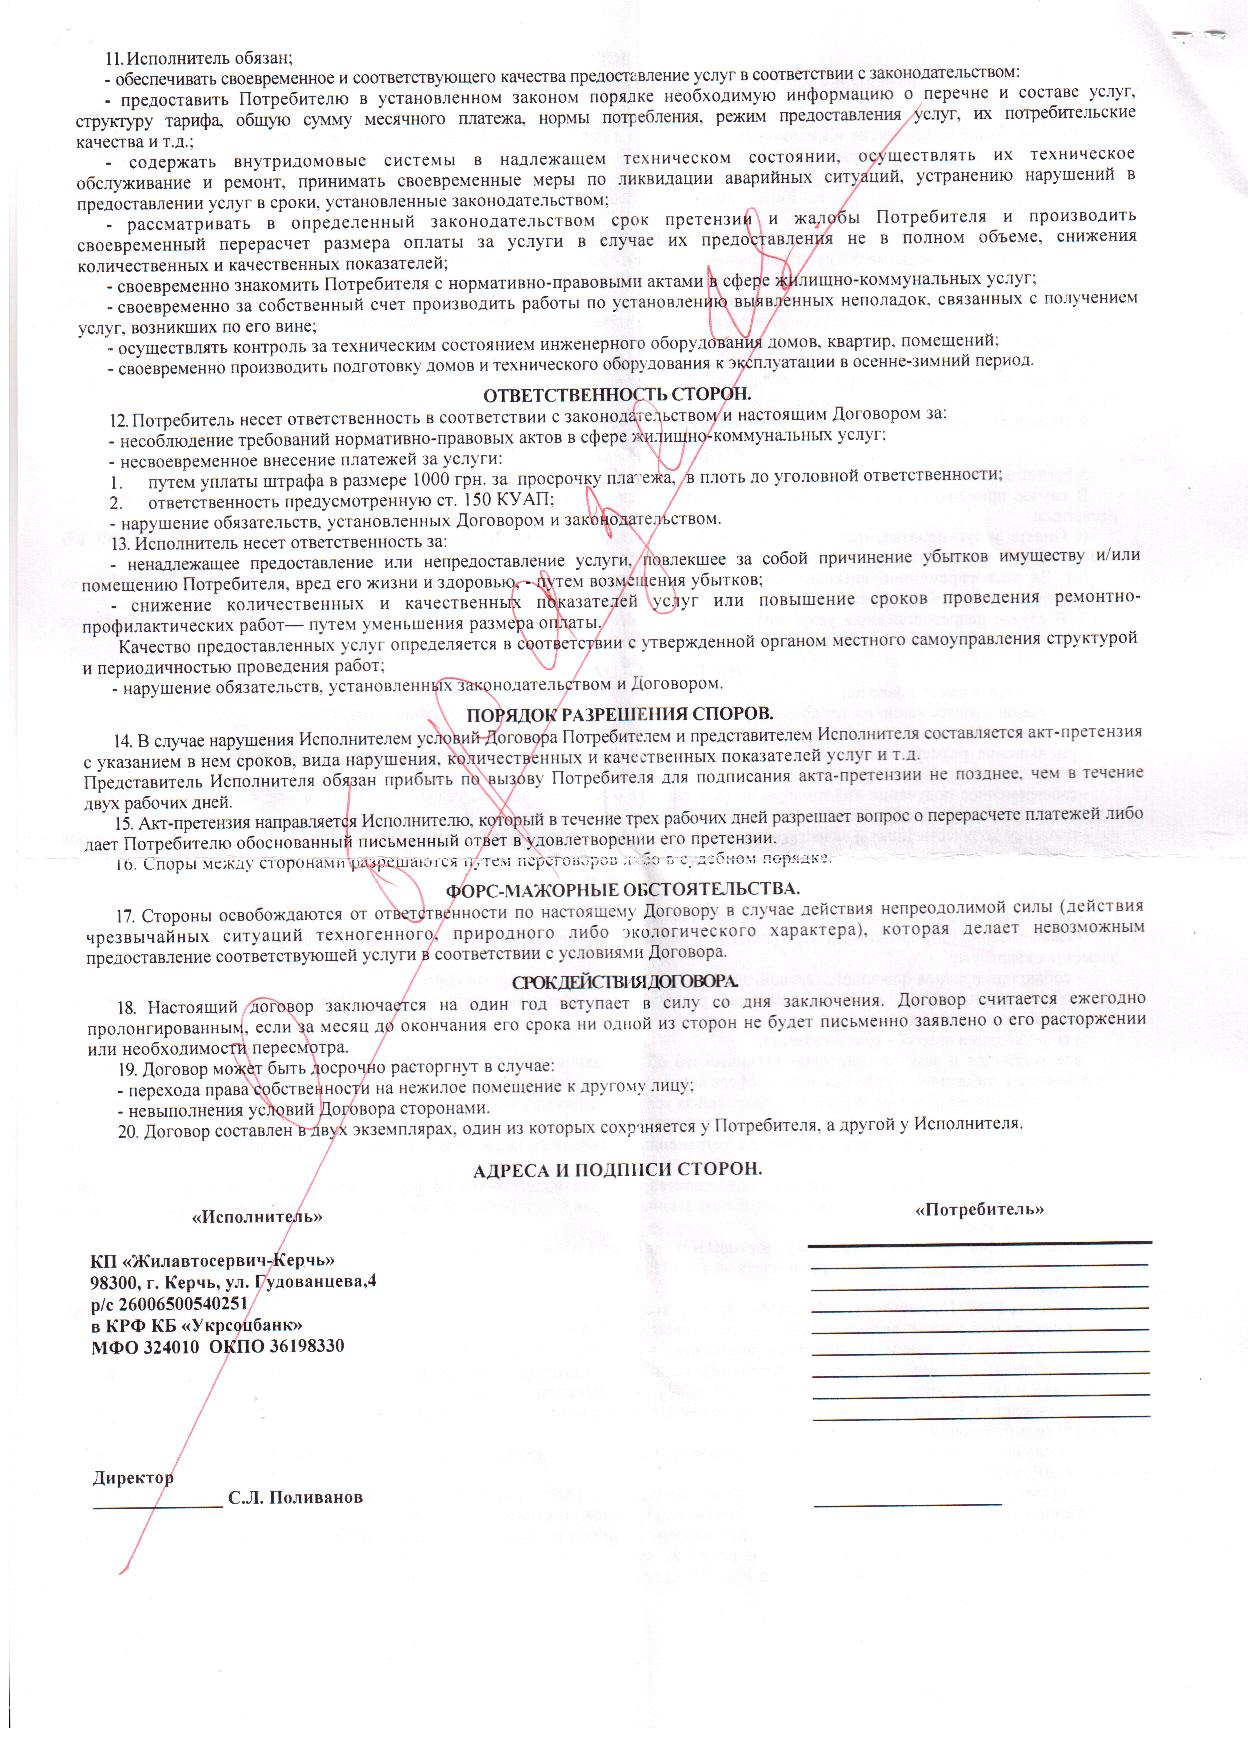 договор оказания коммунальных услуг образец